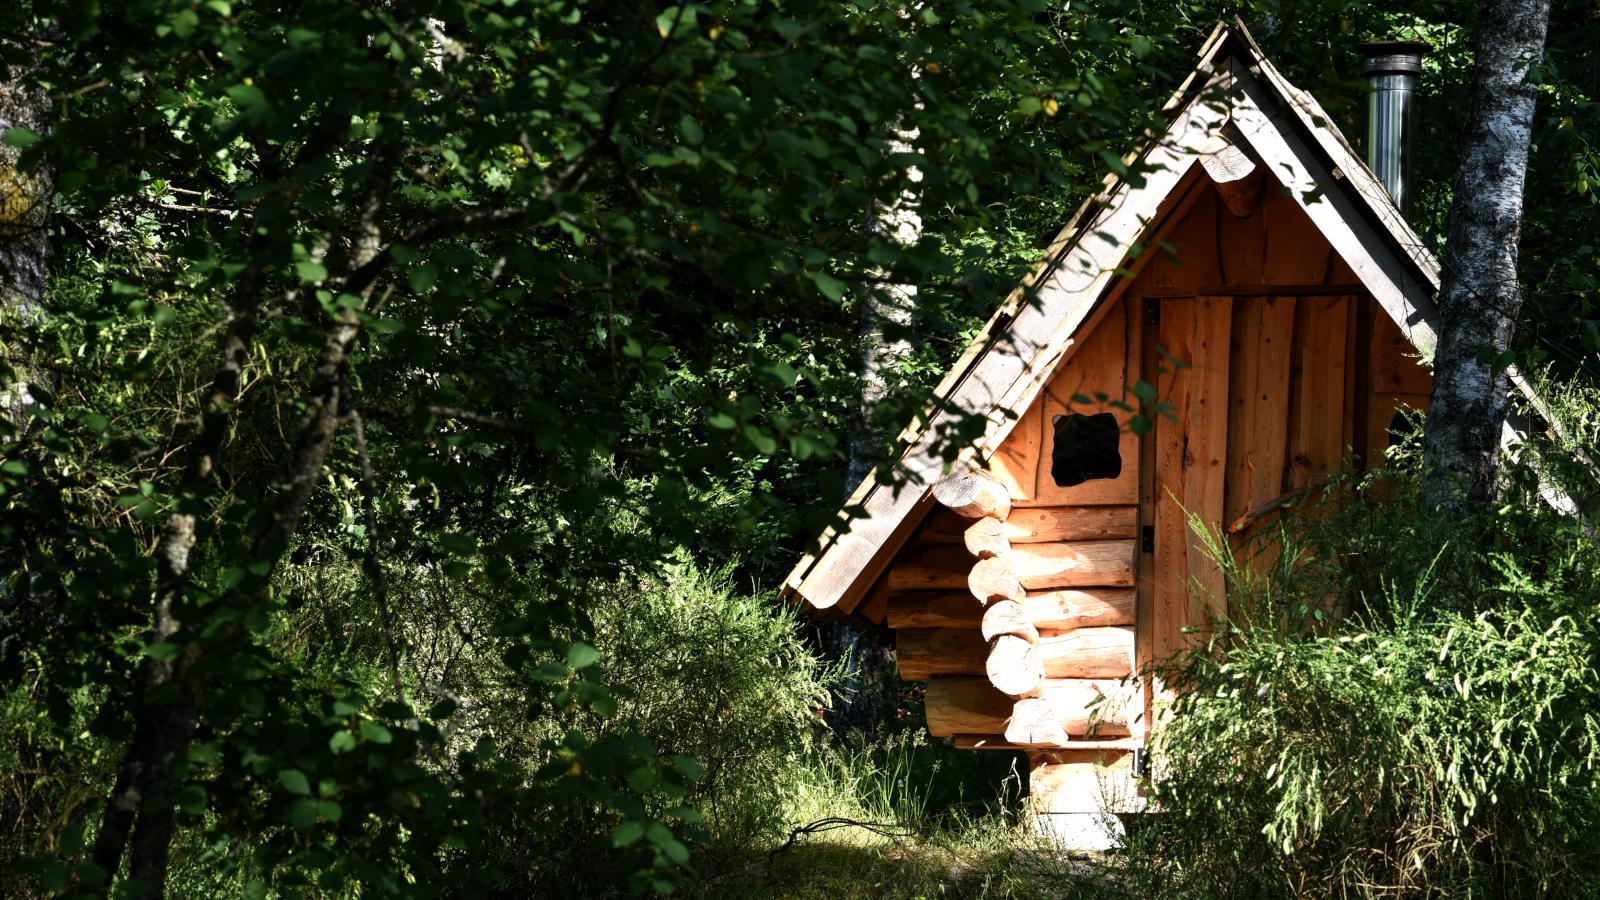 Il dispose d'un sauna construit en filière courte : le bois vient des Vosges, tout comme la main d'œuvre.